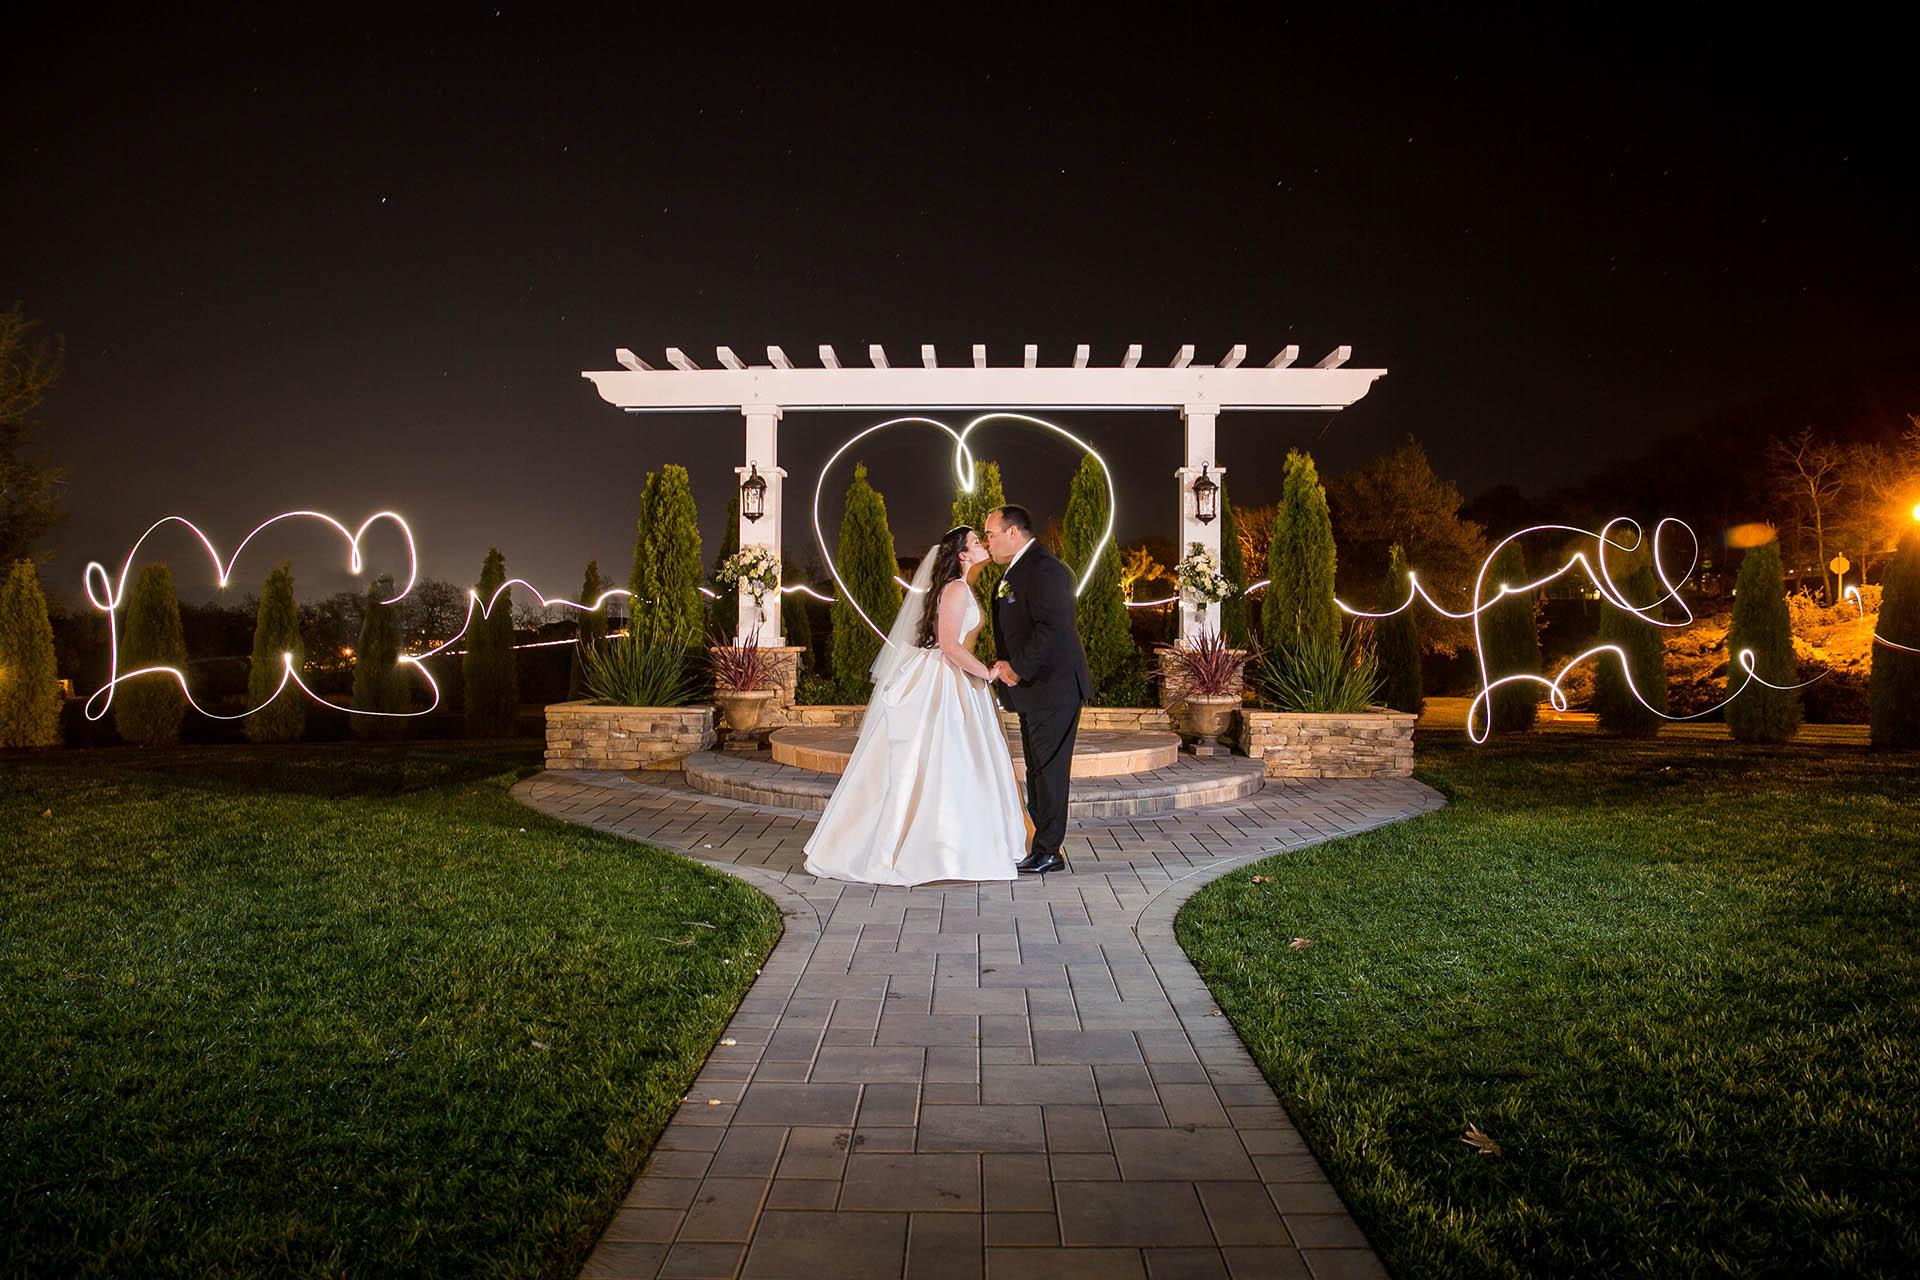 Outdoor Weddings At Wedgewood Eagle Ridge Northern California